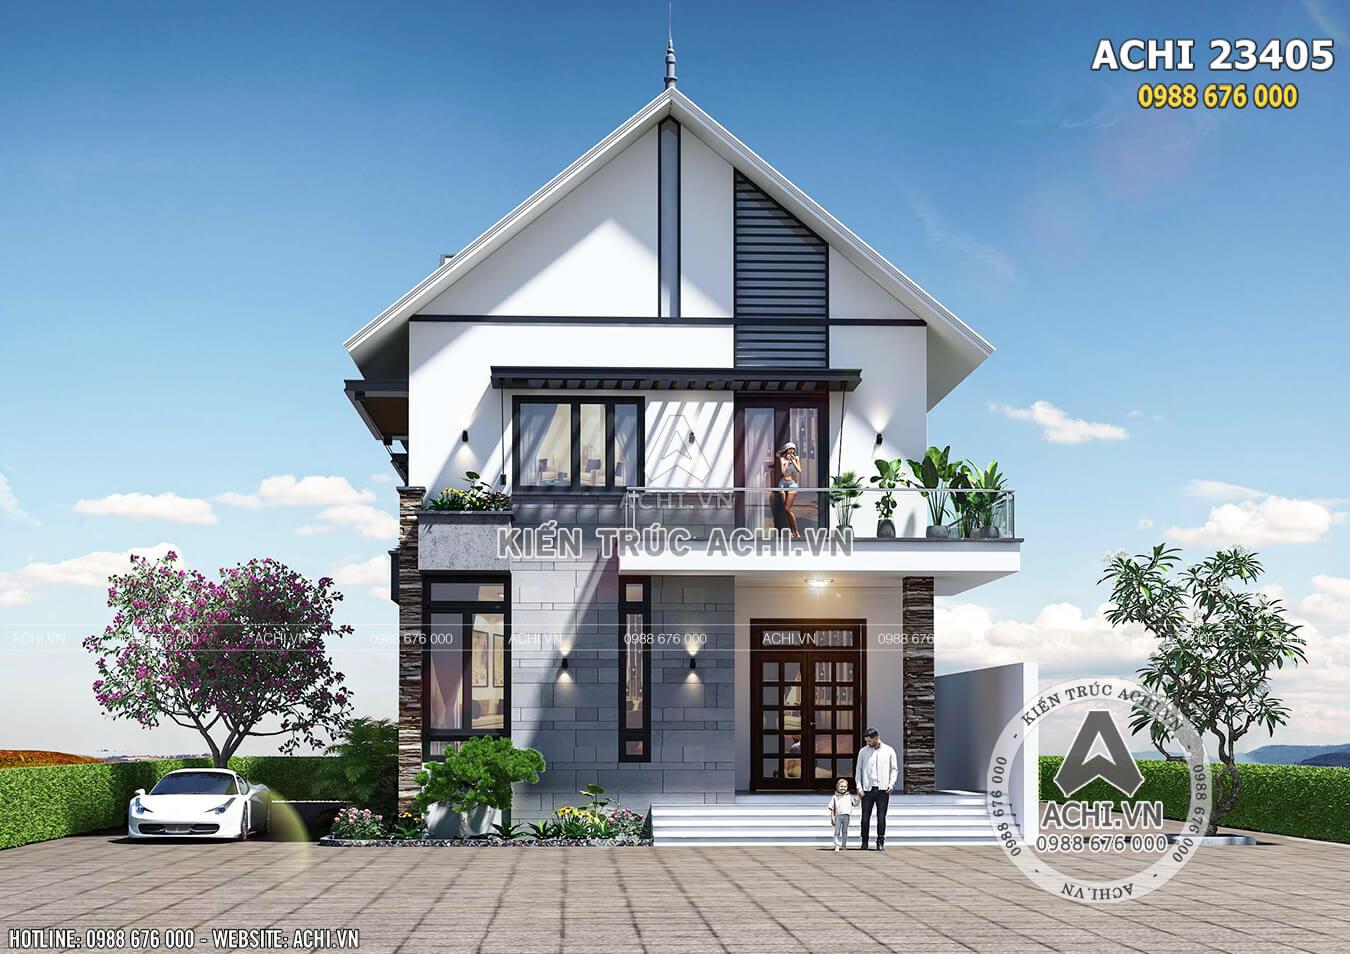 Hình ảnh: Phối cảnh 3D ngoại thất biệt thự 2 tầng– Mã số: ACHI 23405